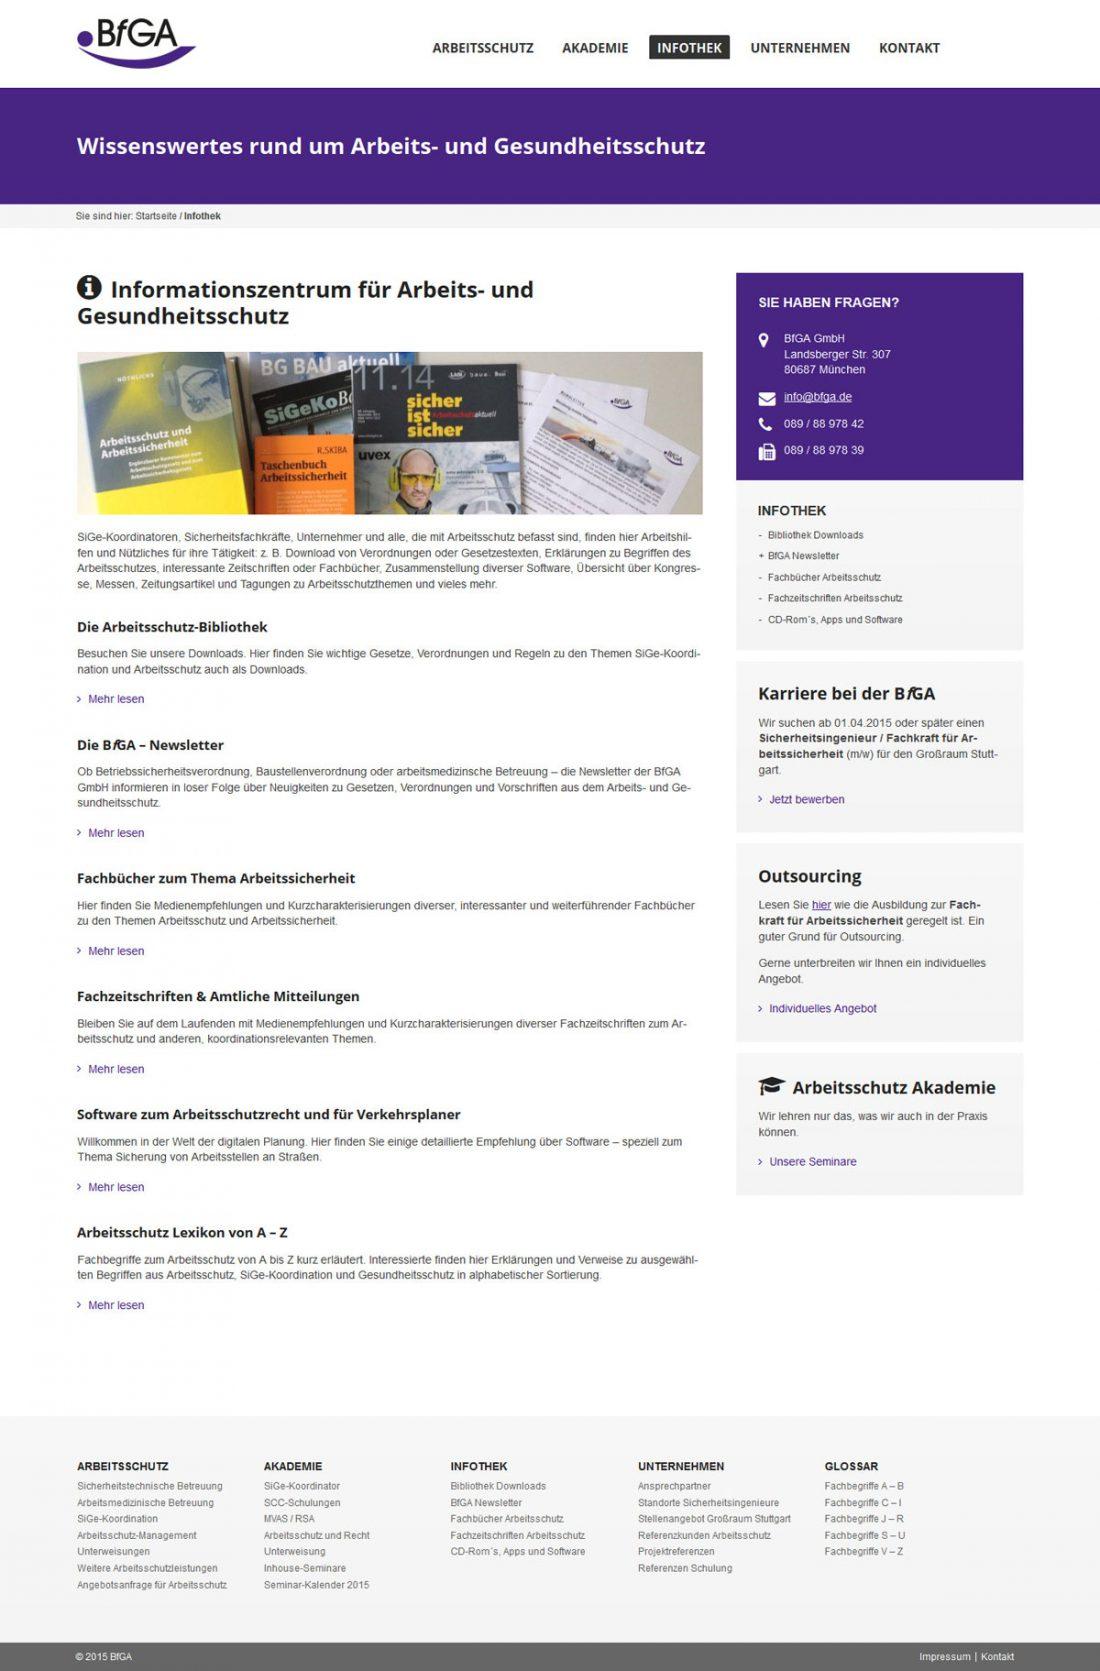 Screenshot Webseite BfGA